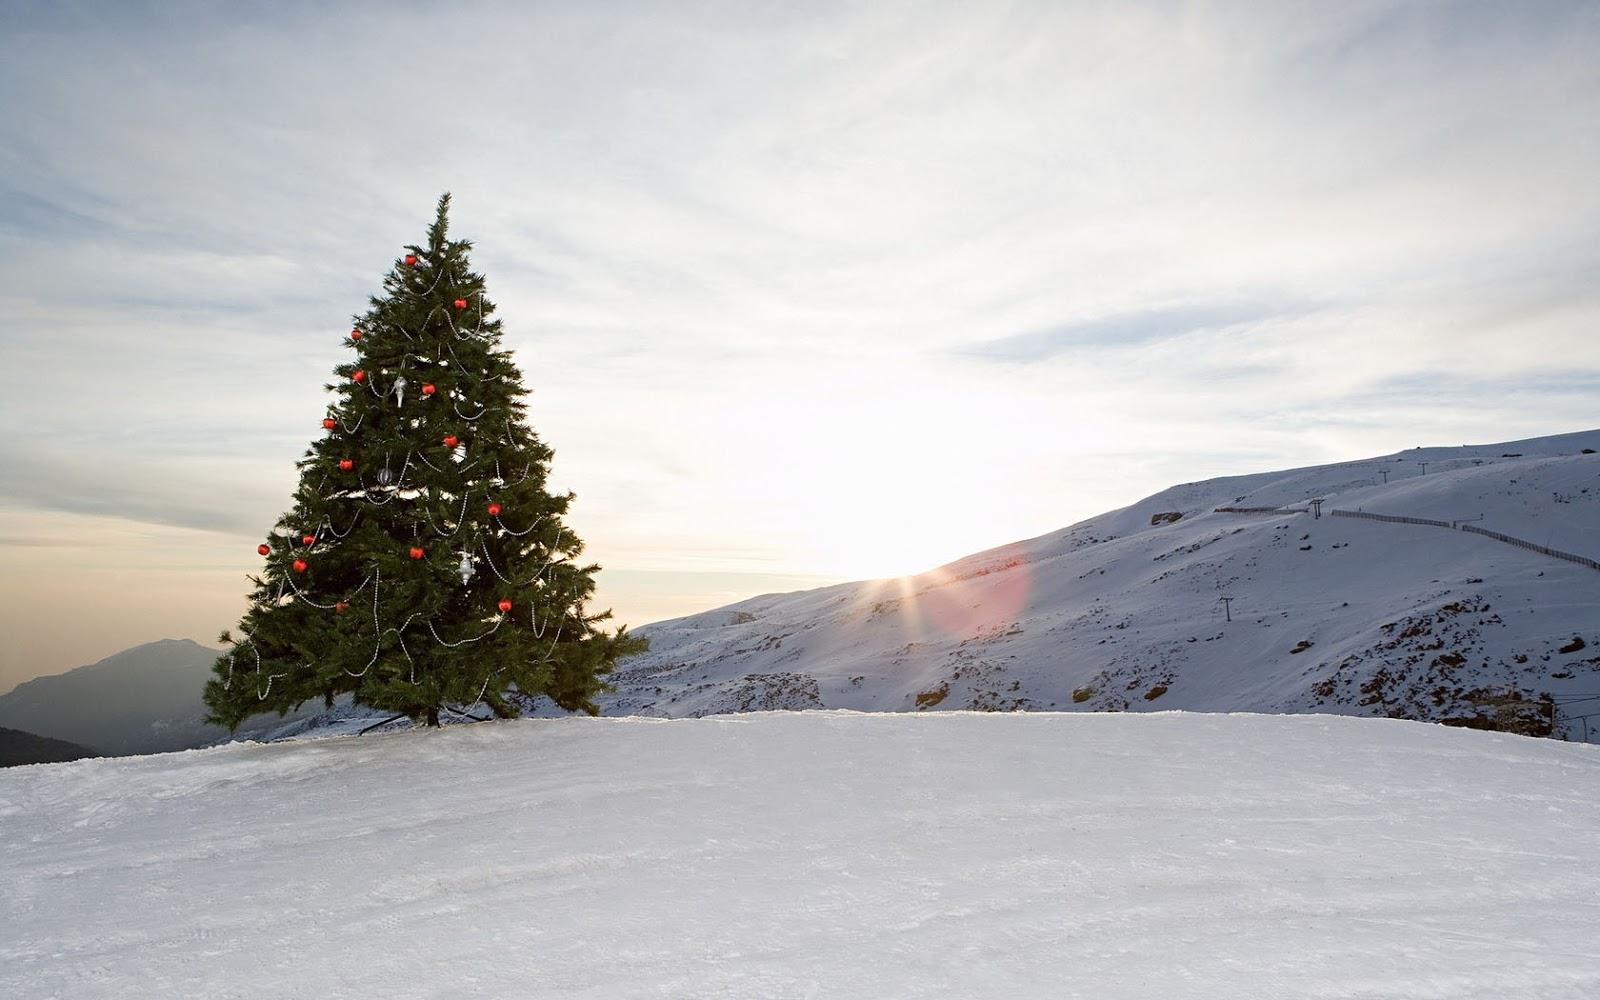 http://2.bp.blogspot.com/-VDCl99Cwa8g/UM7v2595FrI/AAAAAAAAIto/M3cZhRyylsA/s1600/een-witte-kerst-wallpaper-met-een-opgetuigde-kerstboom.jpg